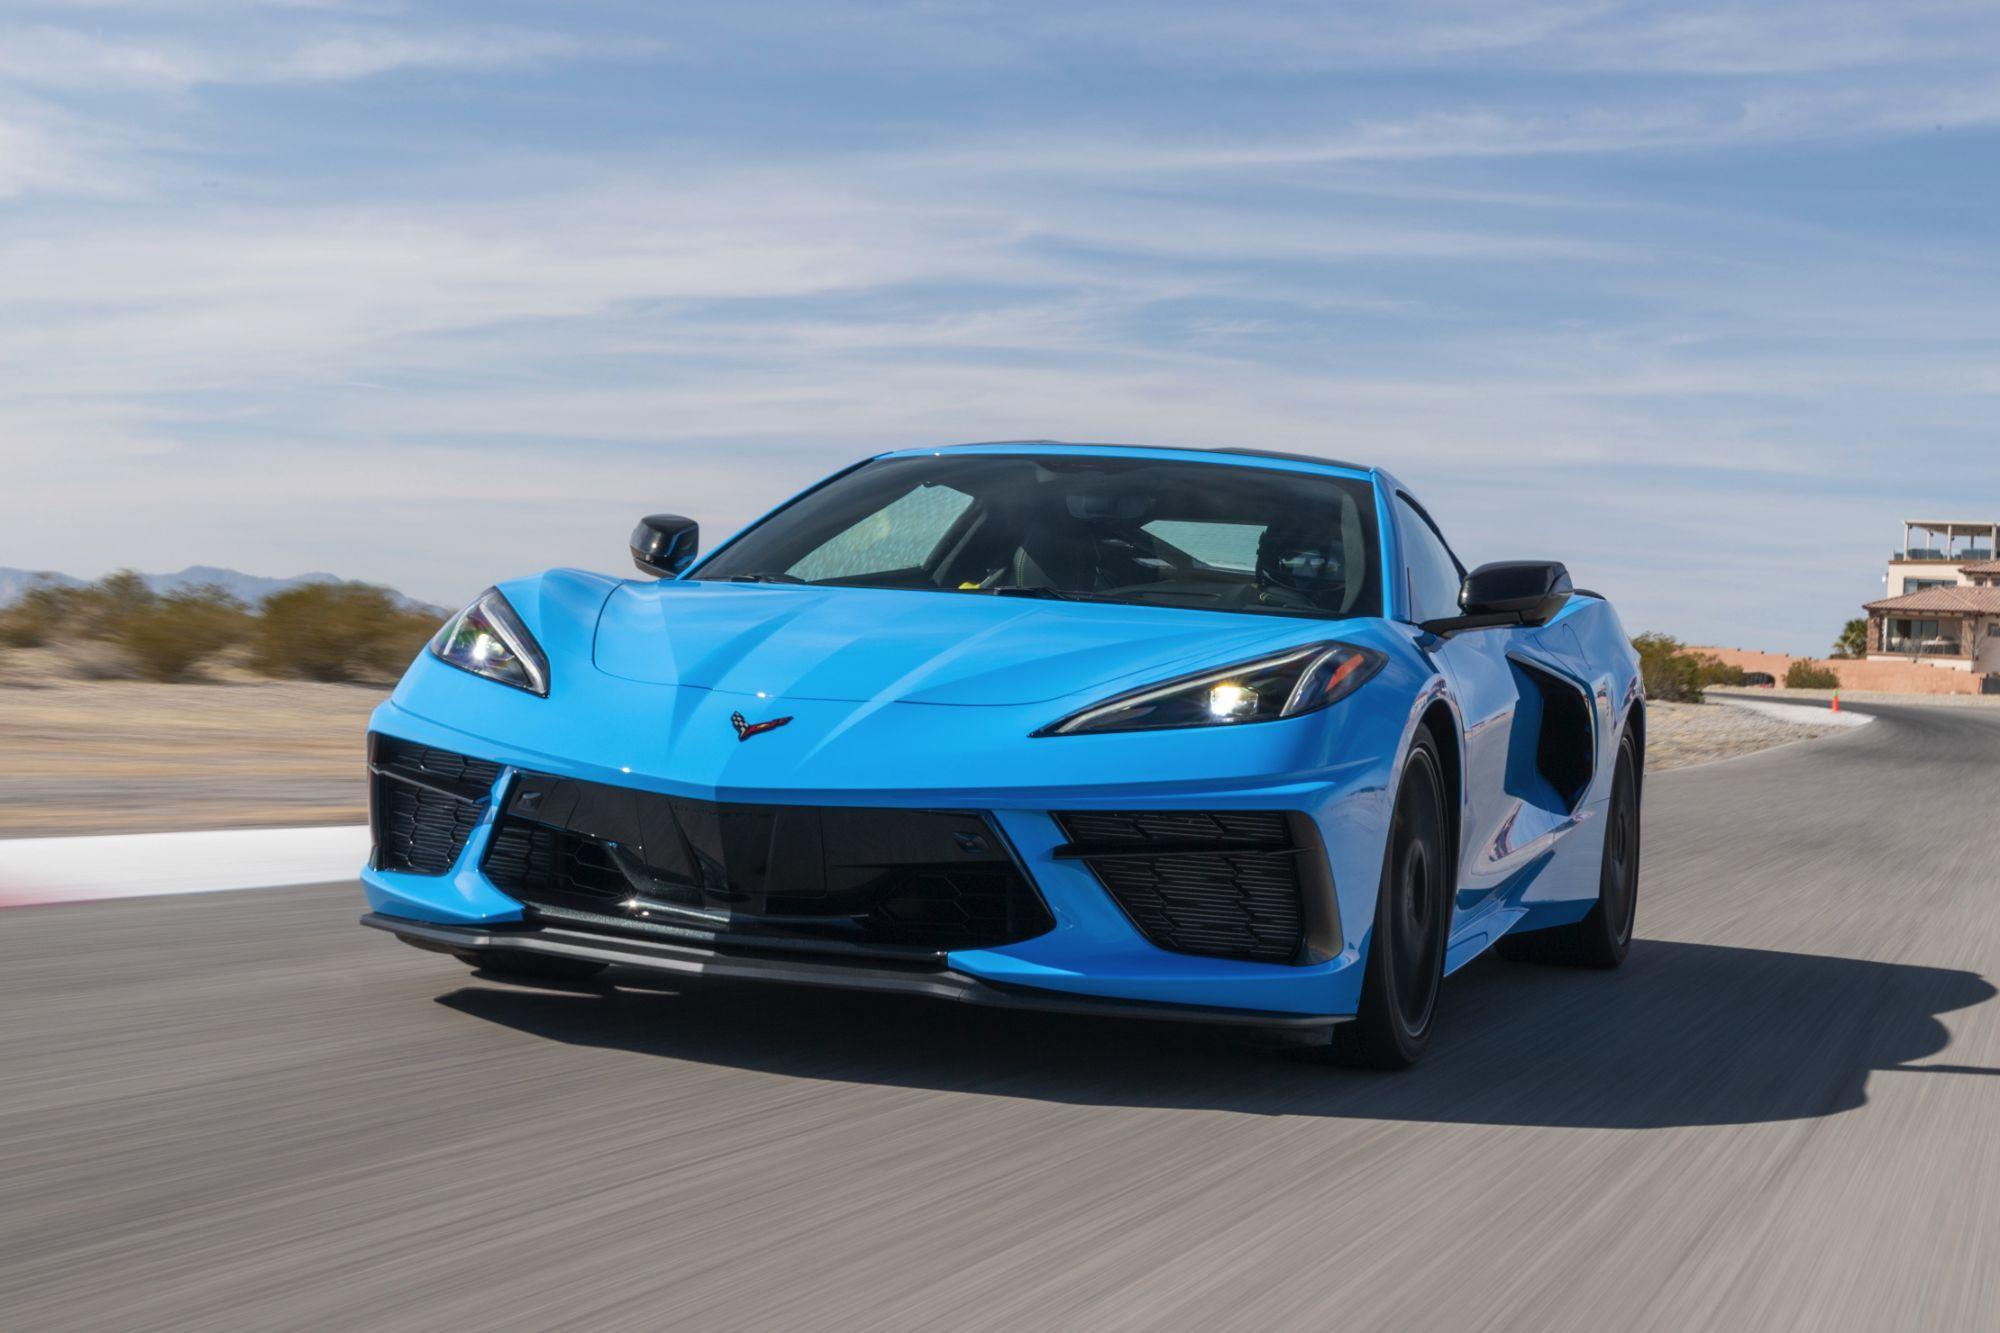 2020-Chevrolet-Corvette-Stingray-248